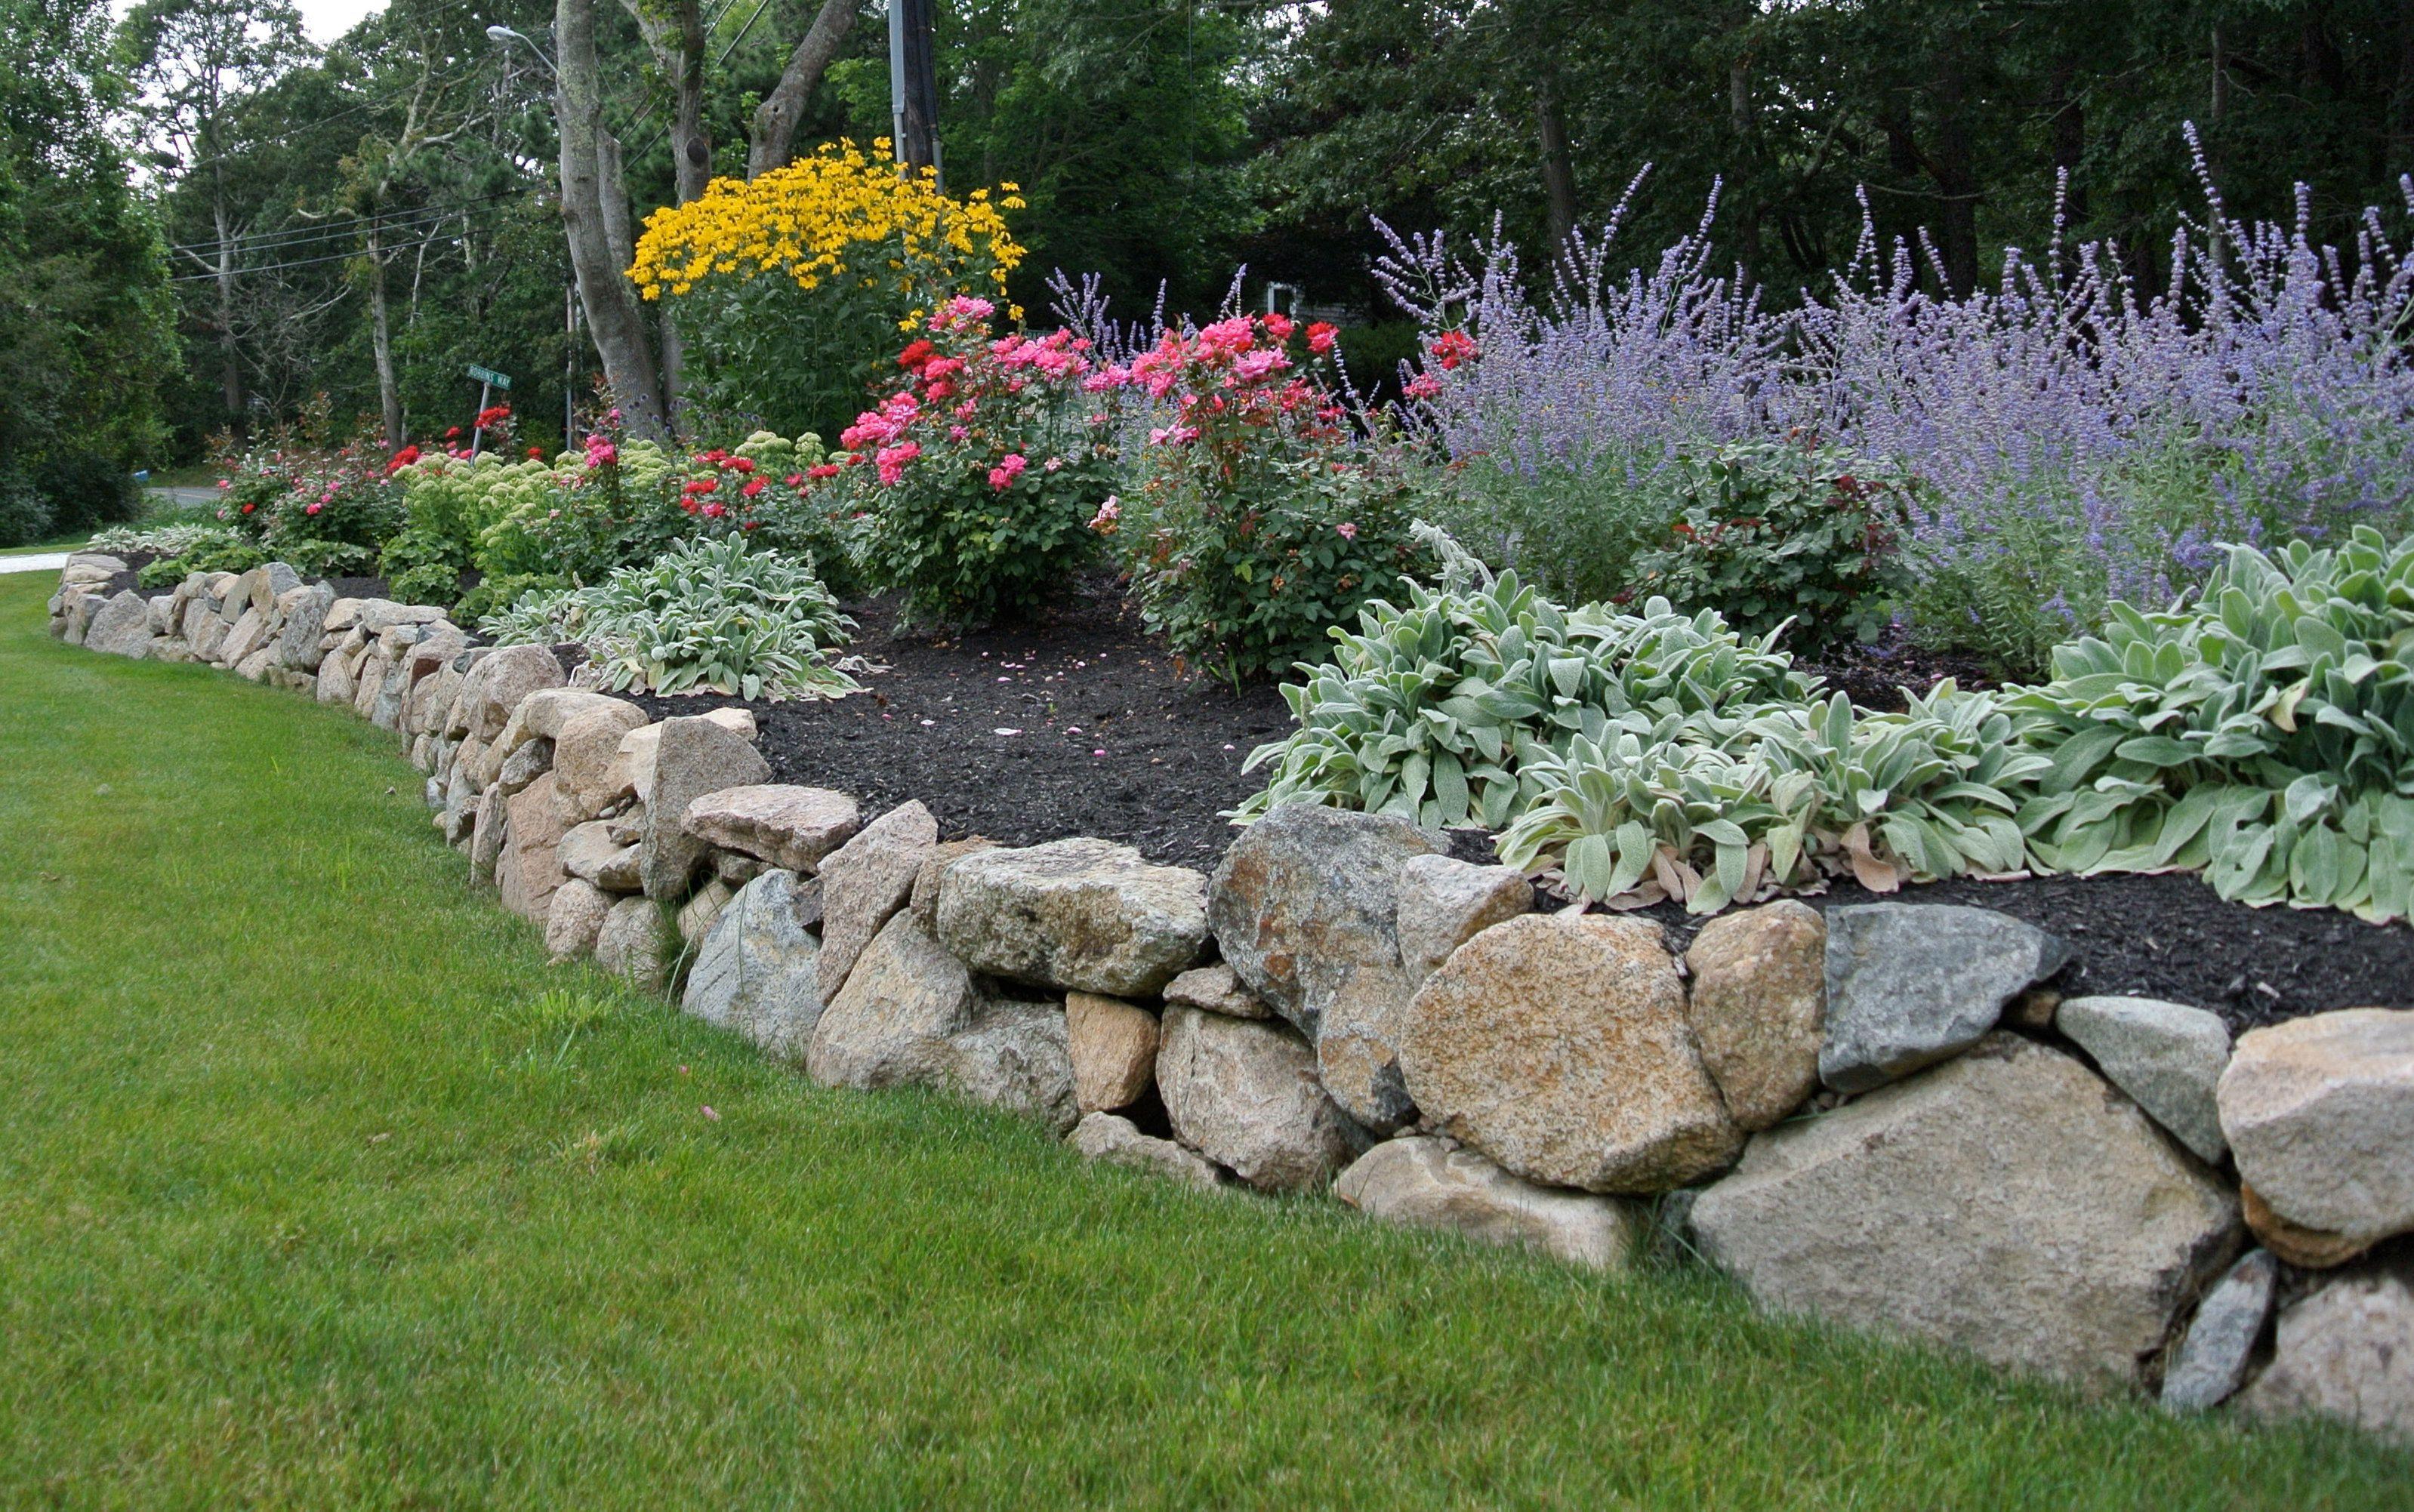 Angela Rose Gardens Llc Landscape Design Falmouth Cape Cod Landscape Design Landscape Outdoor Decor